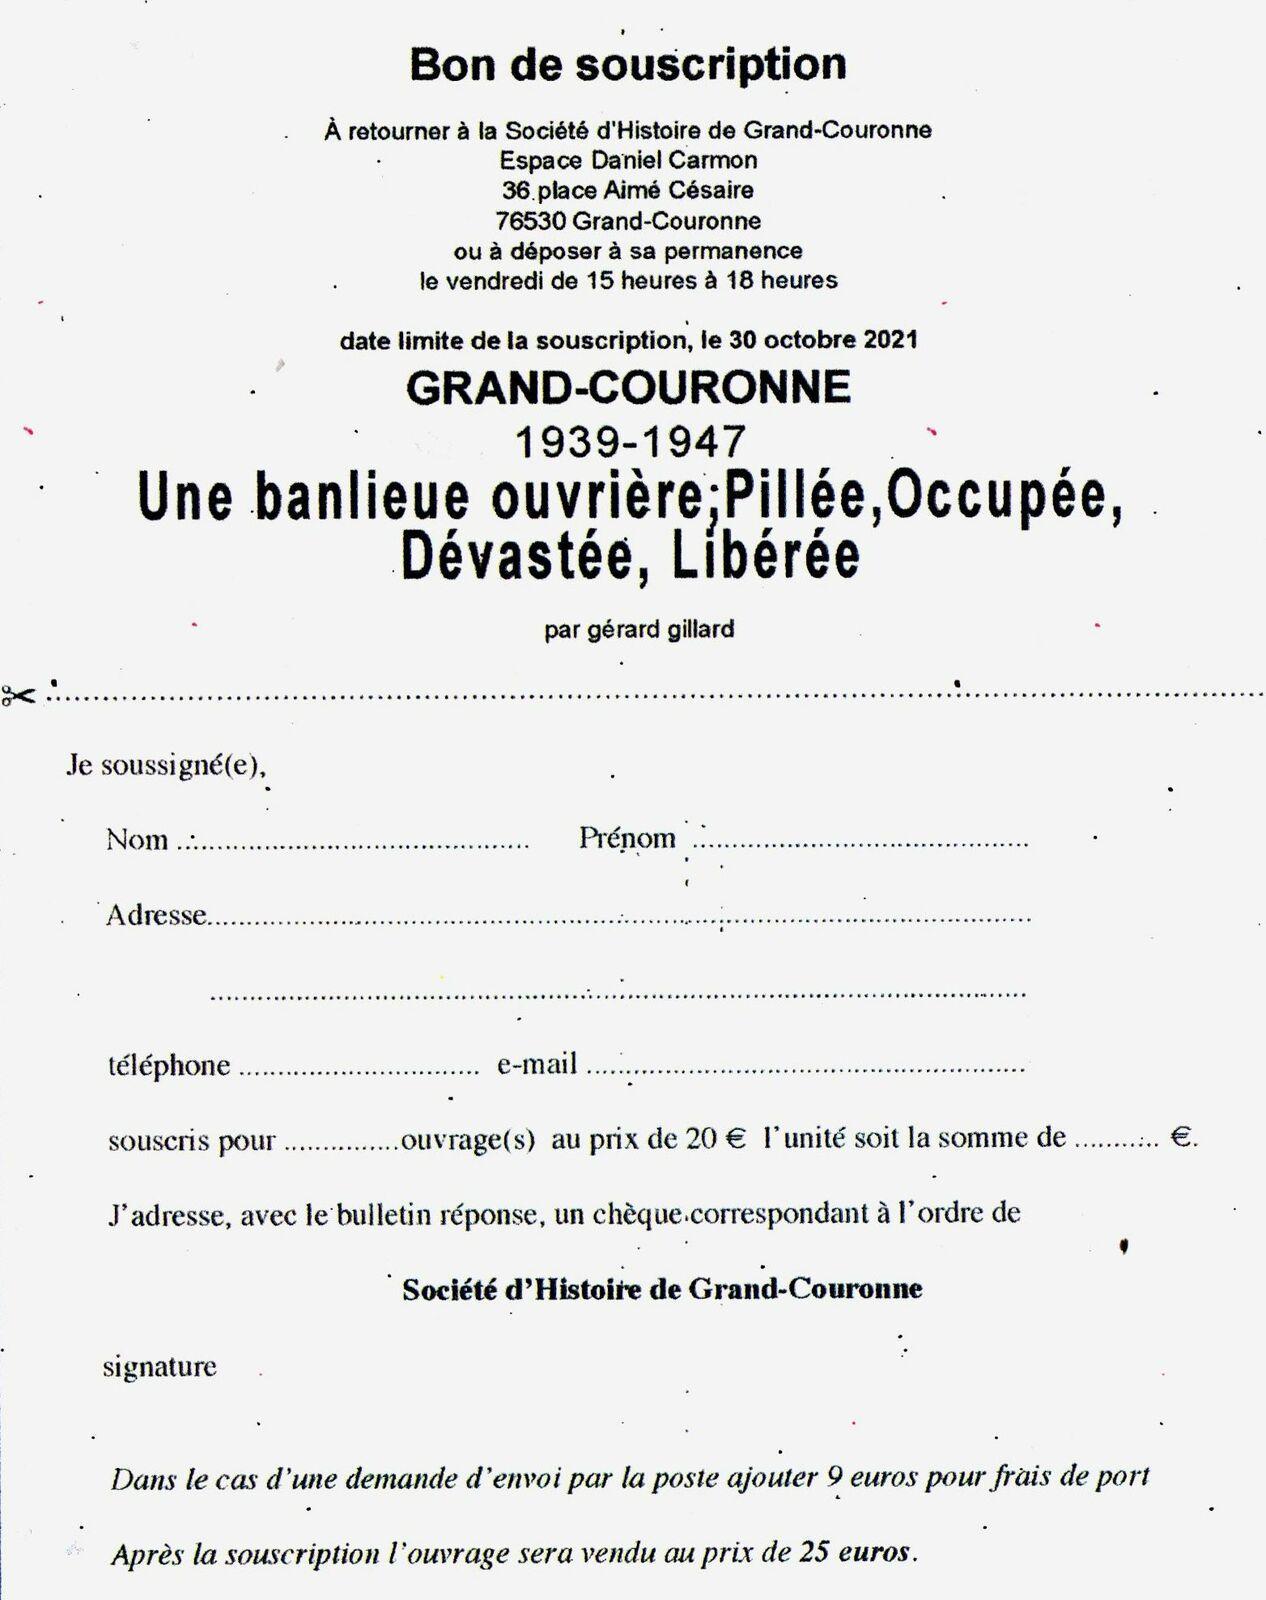 Troisième tome de l'histoire contemporaine de Grand-Couronne : 1939-1947 par Gérard Gillard